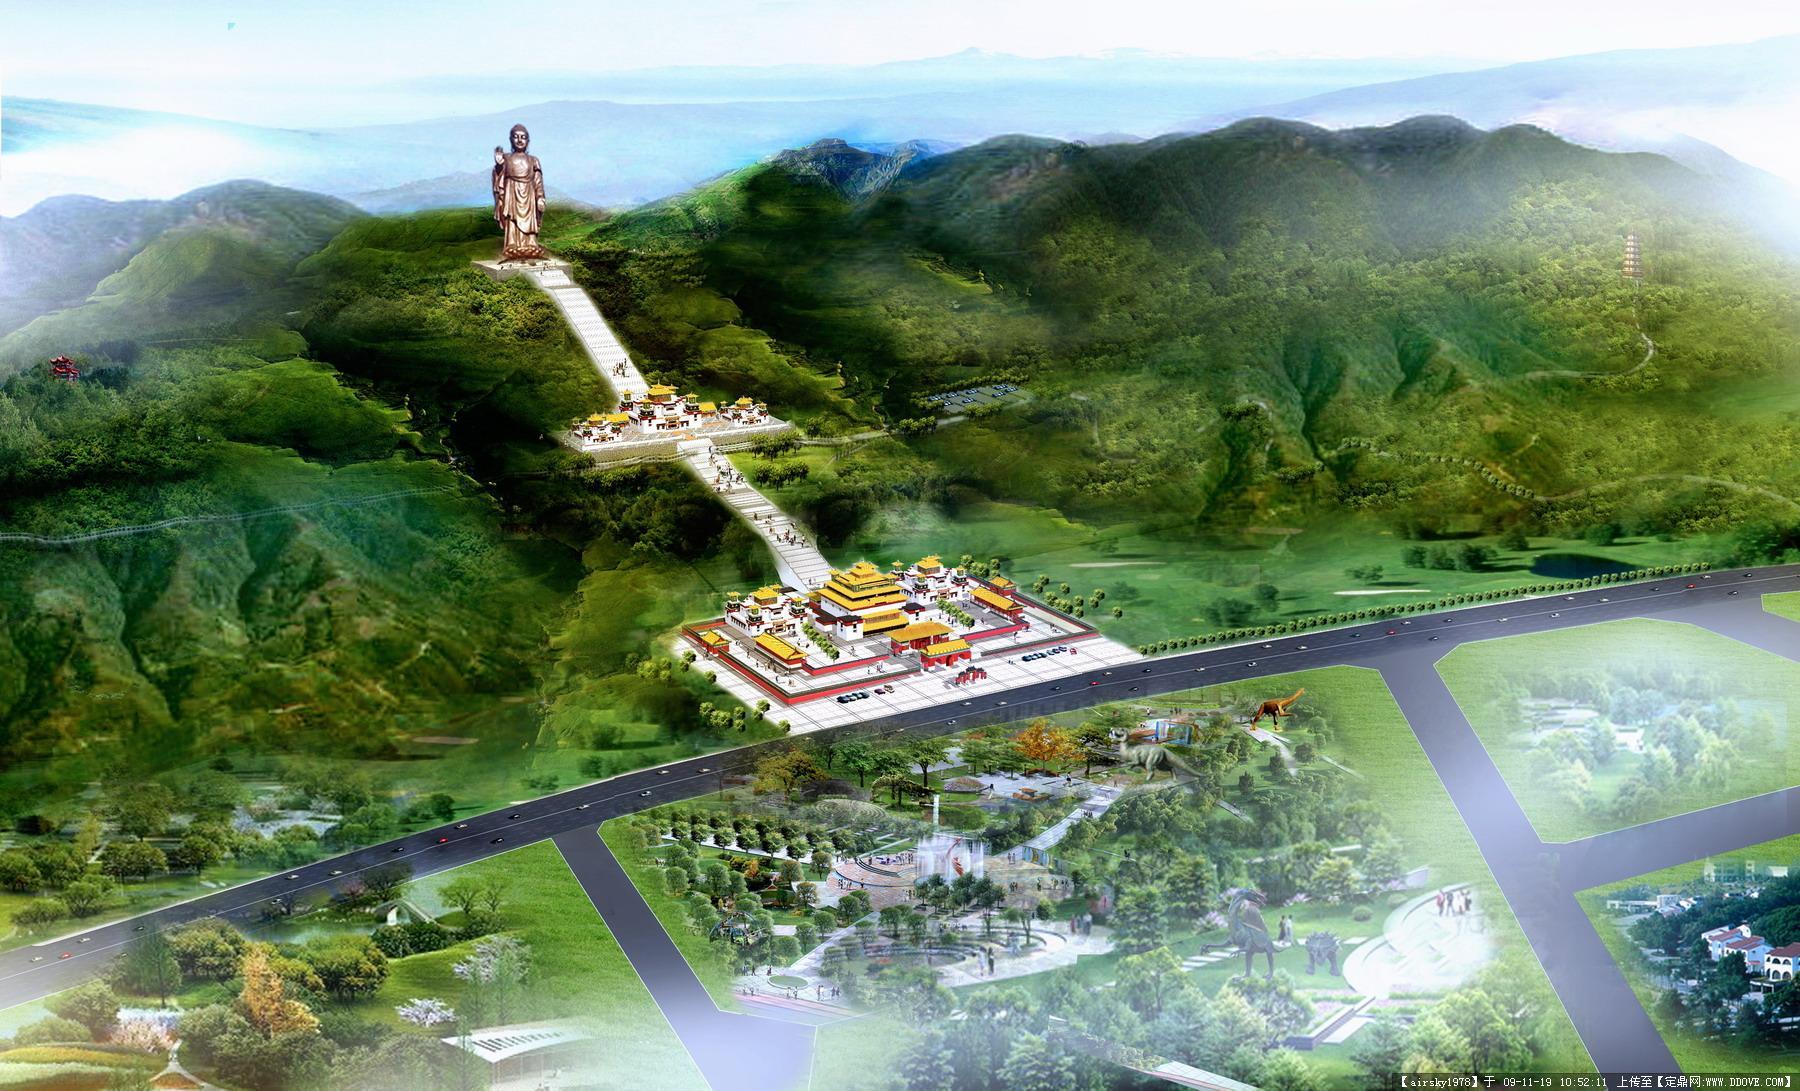 大佛寺公园鸟瞰图的图片浏览,园林效 果图,旅游景区,园林景观设计